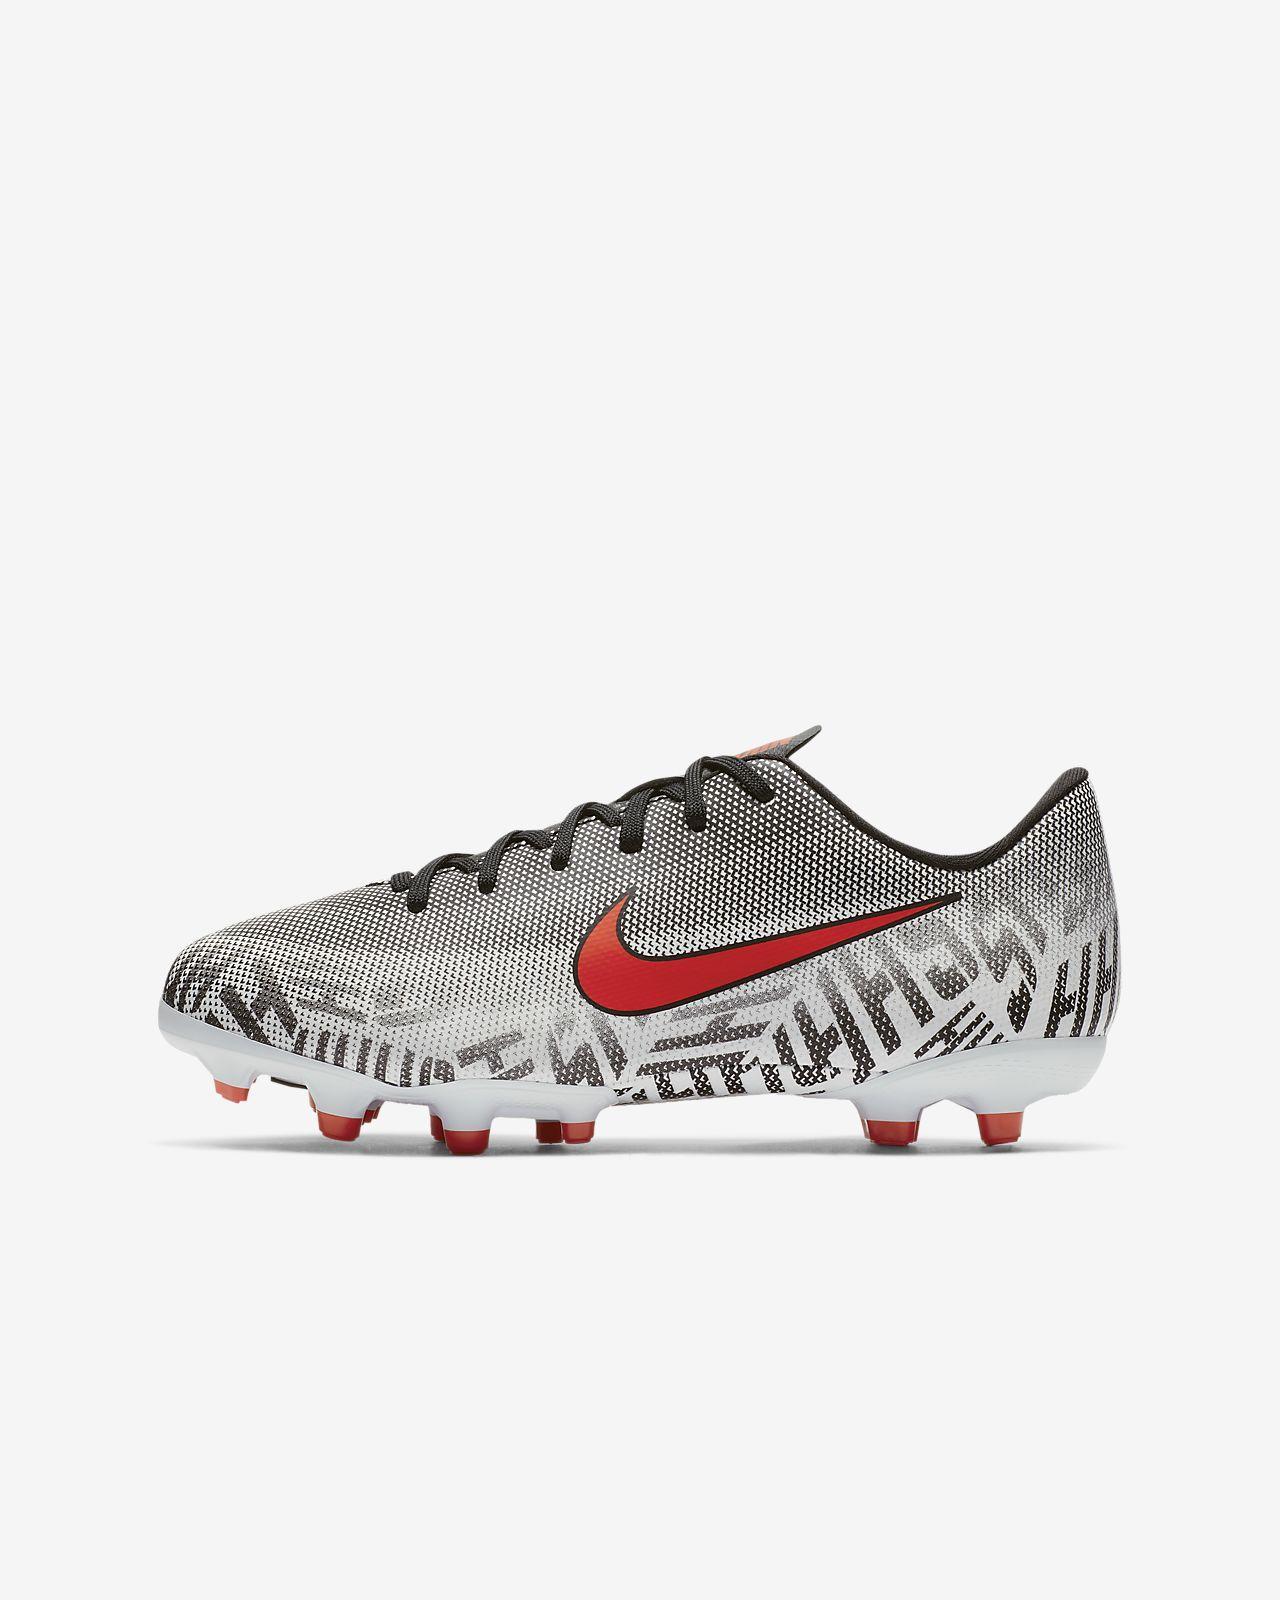 ec2f148408fe8 ... Calzado de fútbol para múltiples superficies para niños talla  pequeña grande Nike Jr. Mercurial